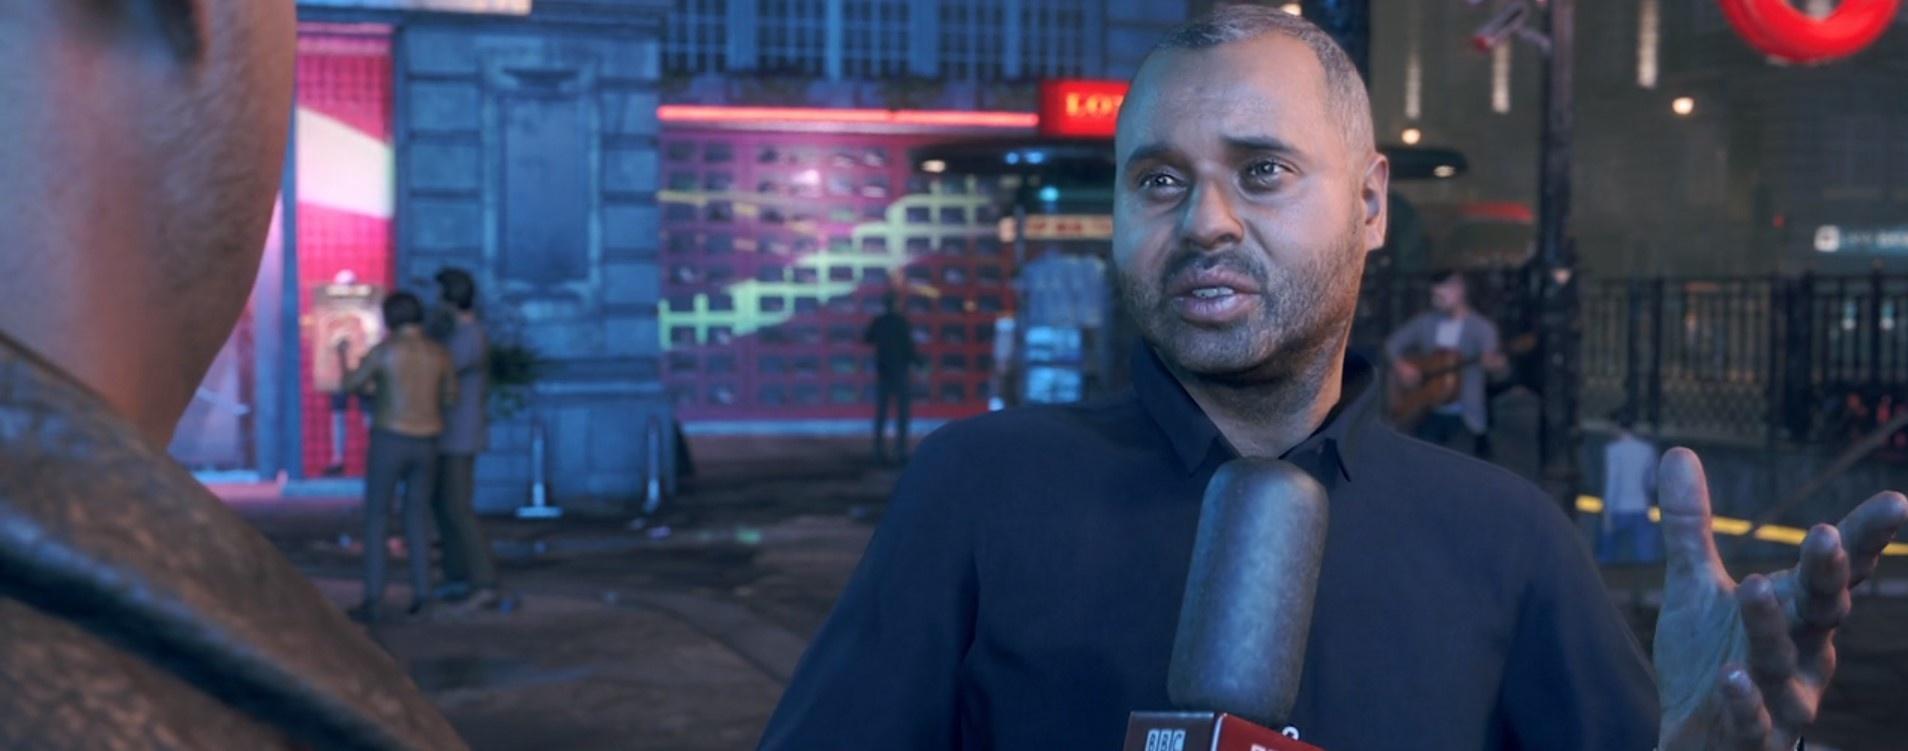 BBC взяла интервью у создателей Watch Dogs Legion в виртуальном Лондоне из игры